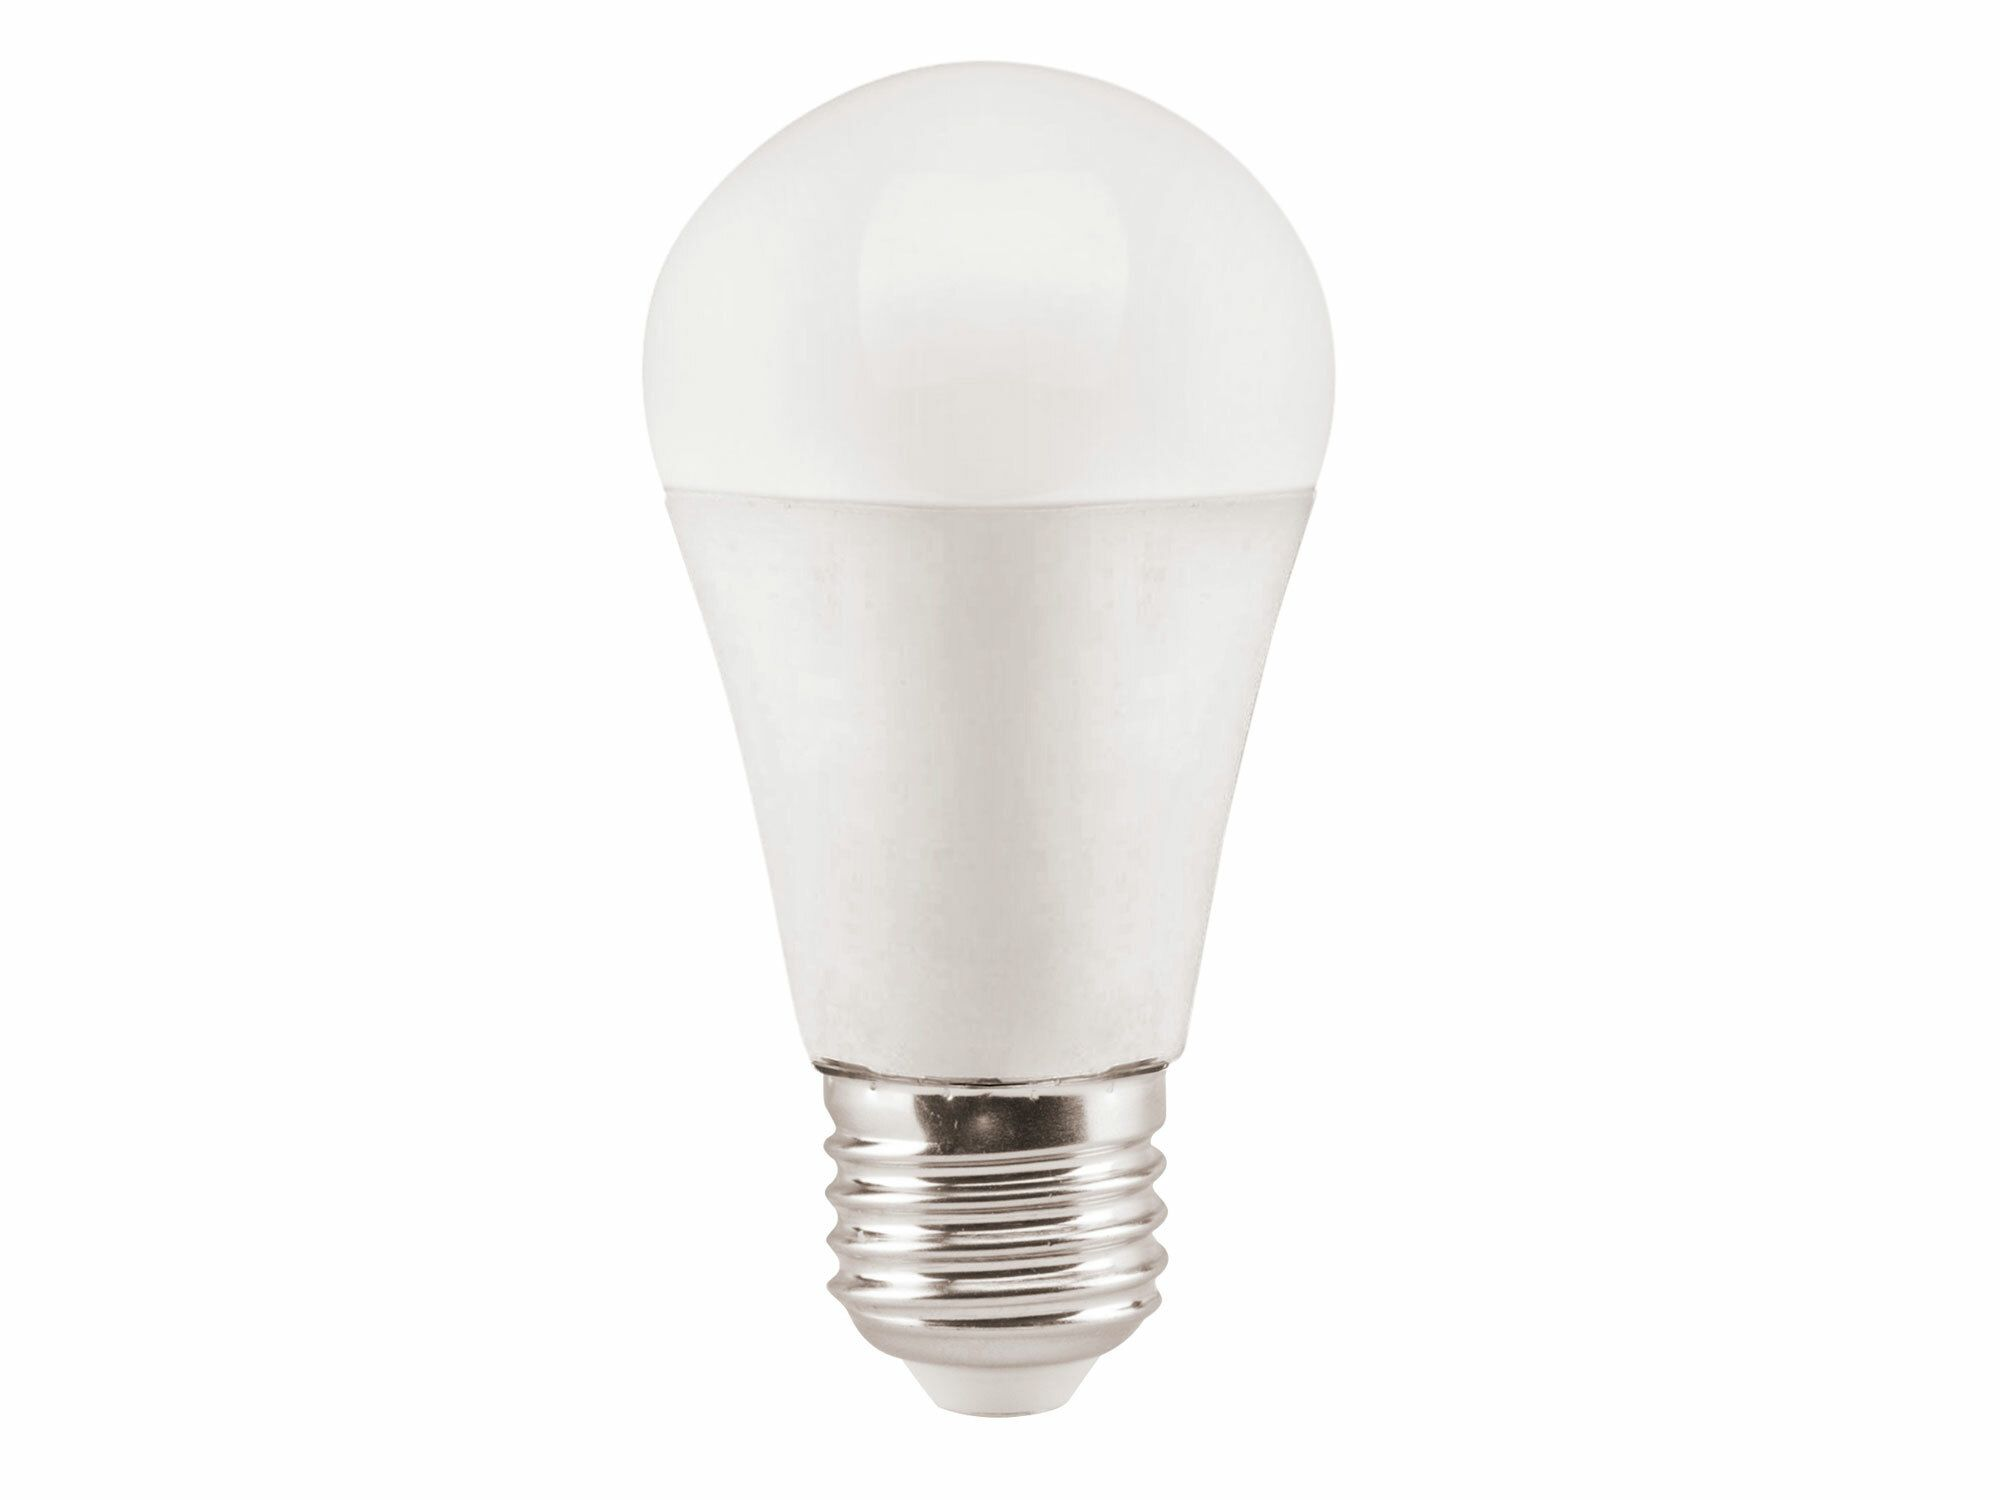 Žárovka LED klasická, 12W, 1055lm, E27, teplá bílá, EXTOL LIGHT